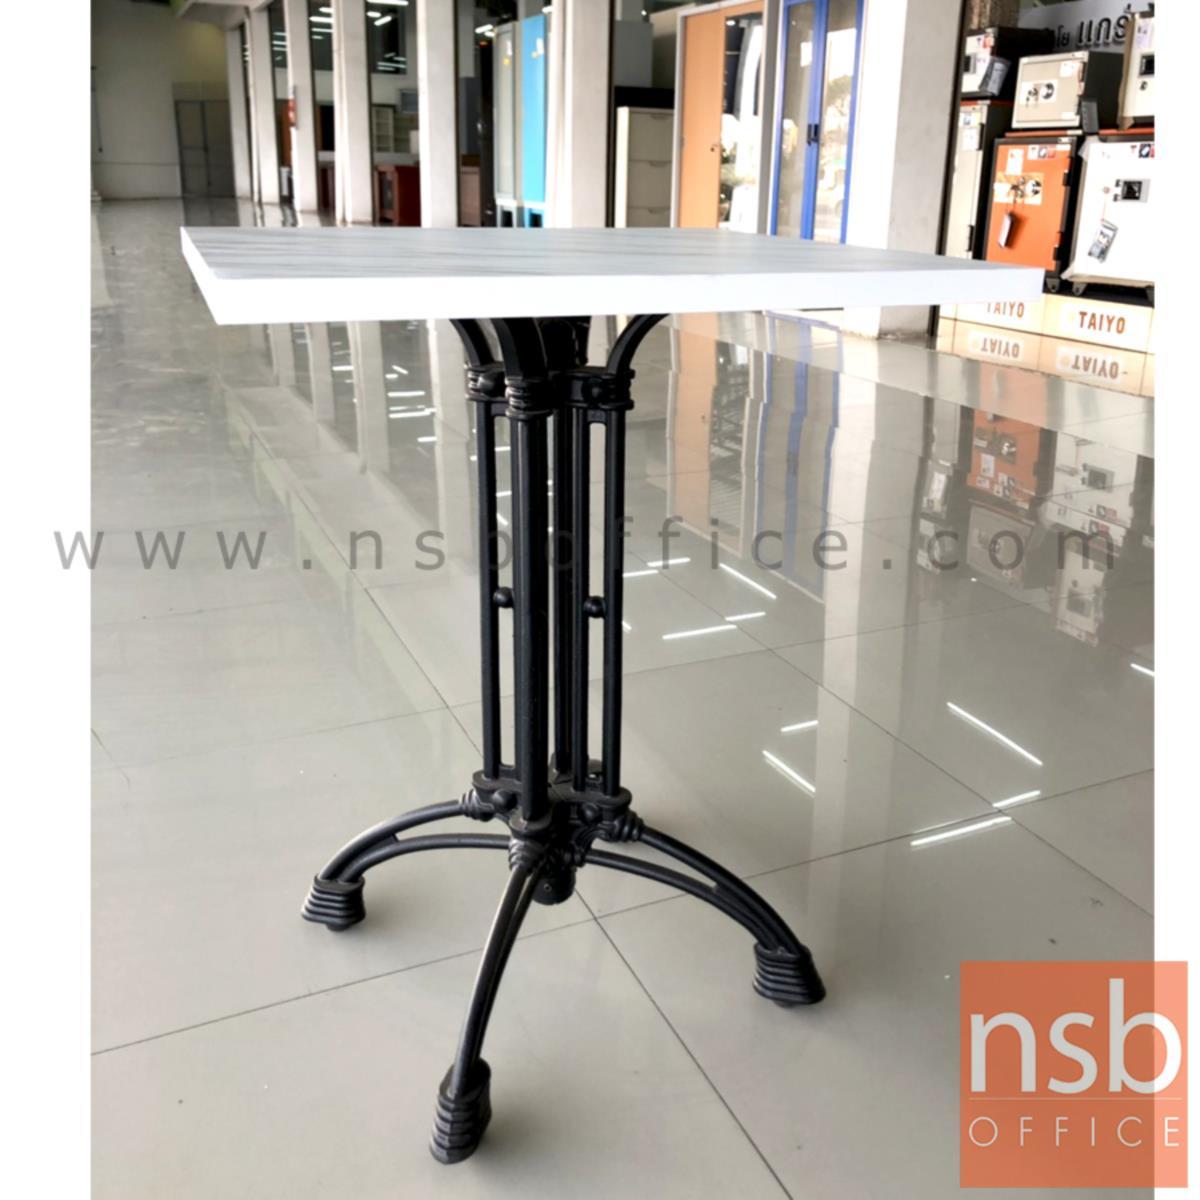 โต๊ะขาเหล็กหล่อหน้าเมลามีน รุ่น Christian (ครีซ-แช็น) ขาเหล็กแฉกสีดำ